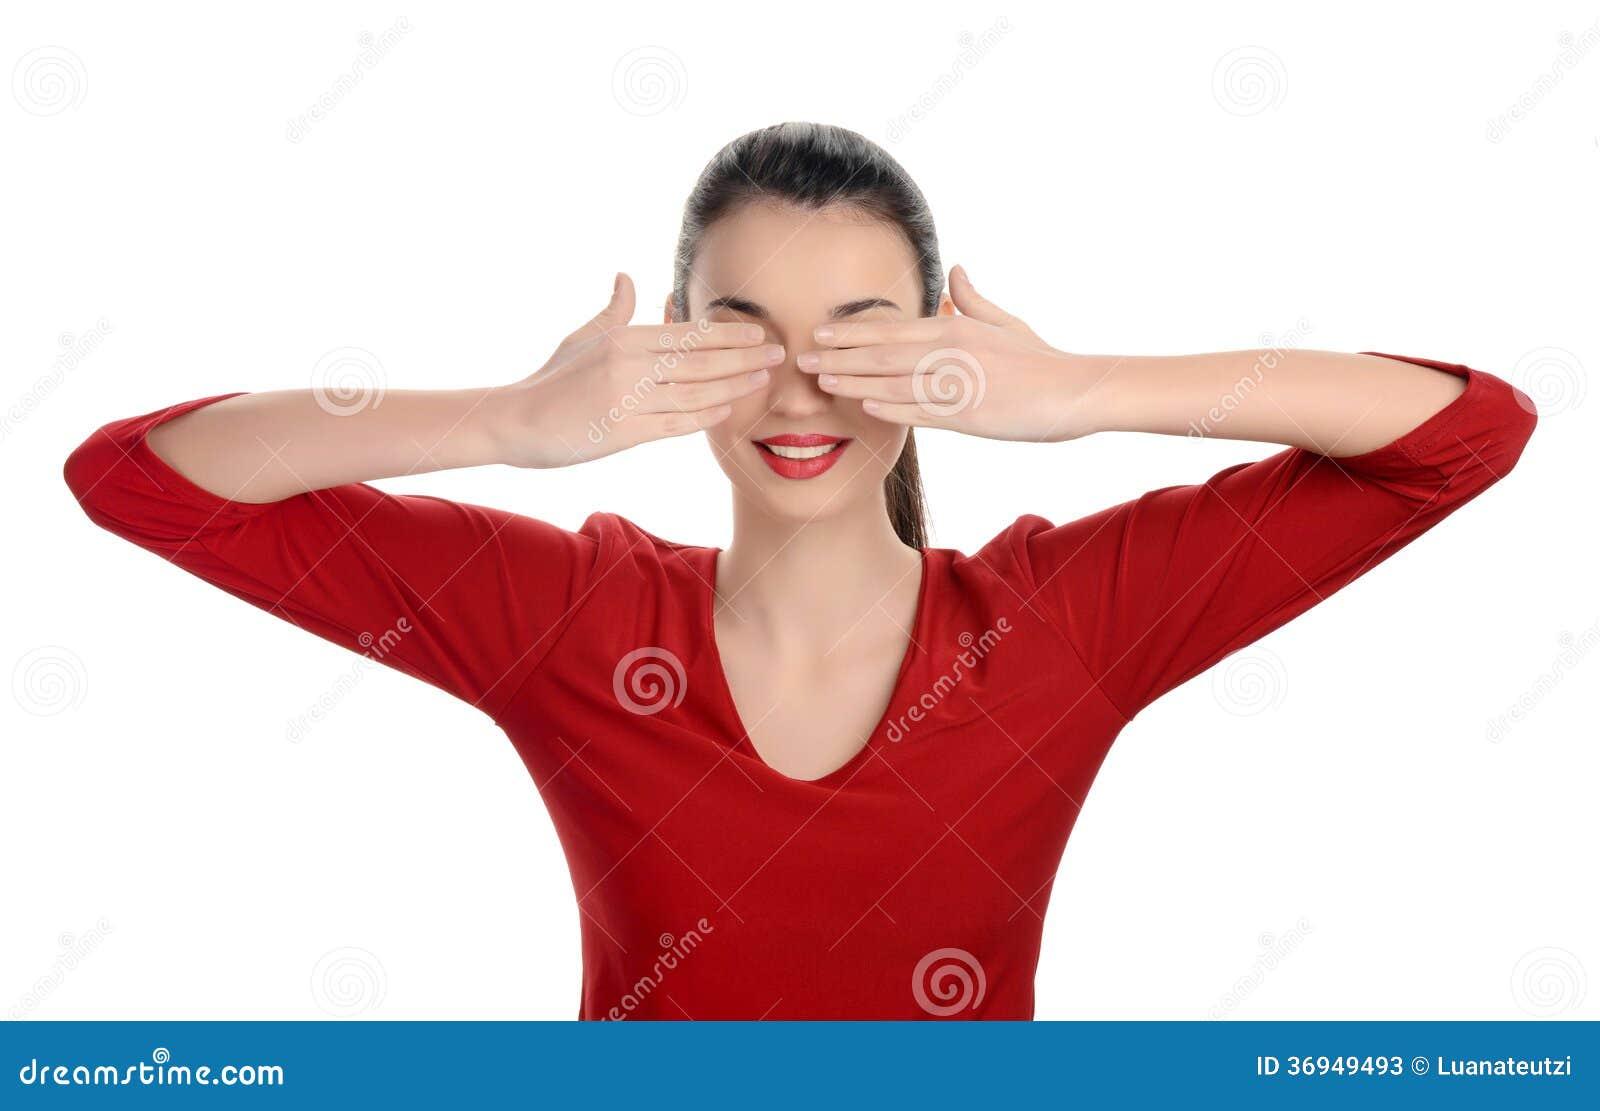 Portret van een gelukkige jonge mooie vrouw met haar handen die omhoog haar ogen behandelen.